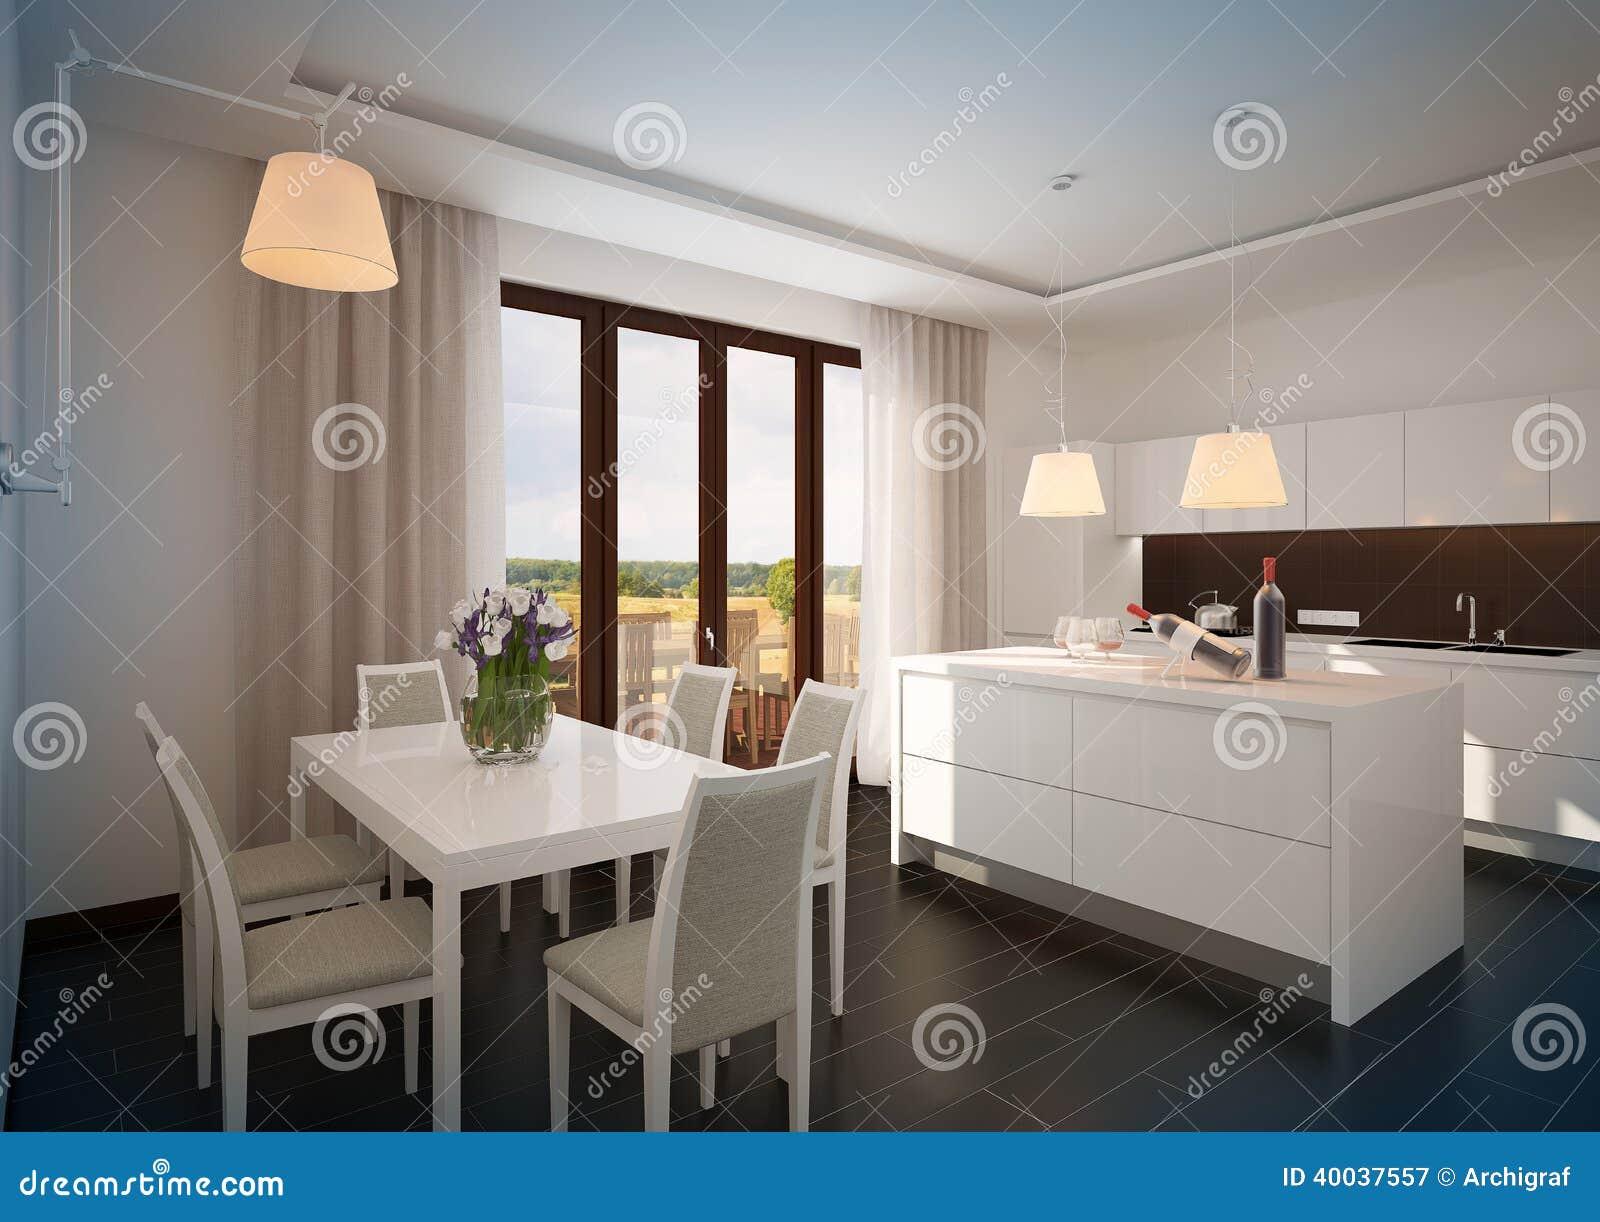 cucina di lusso bianca in una nuova casa moderna immagine